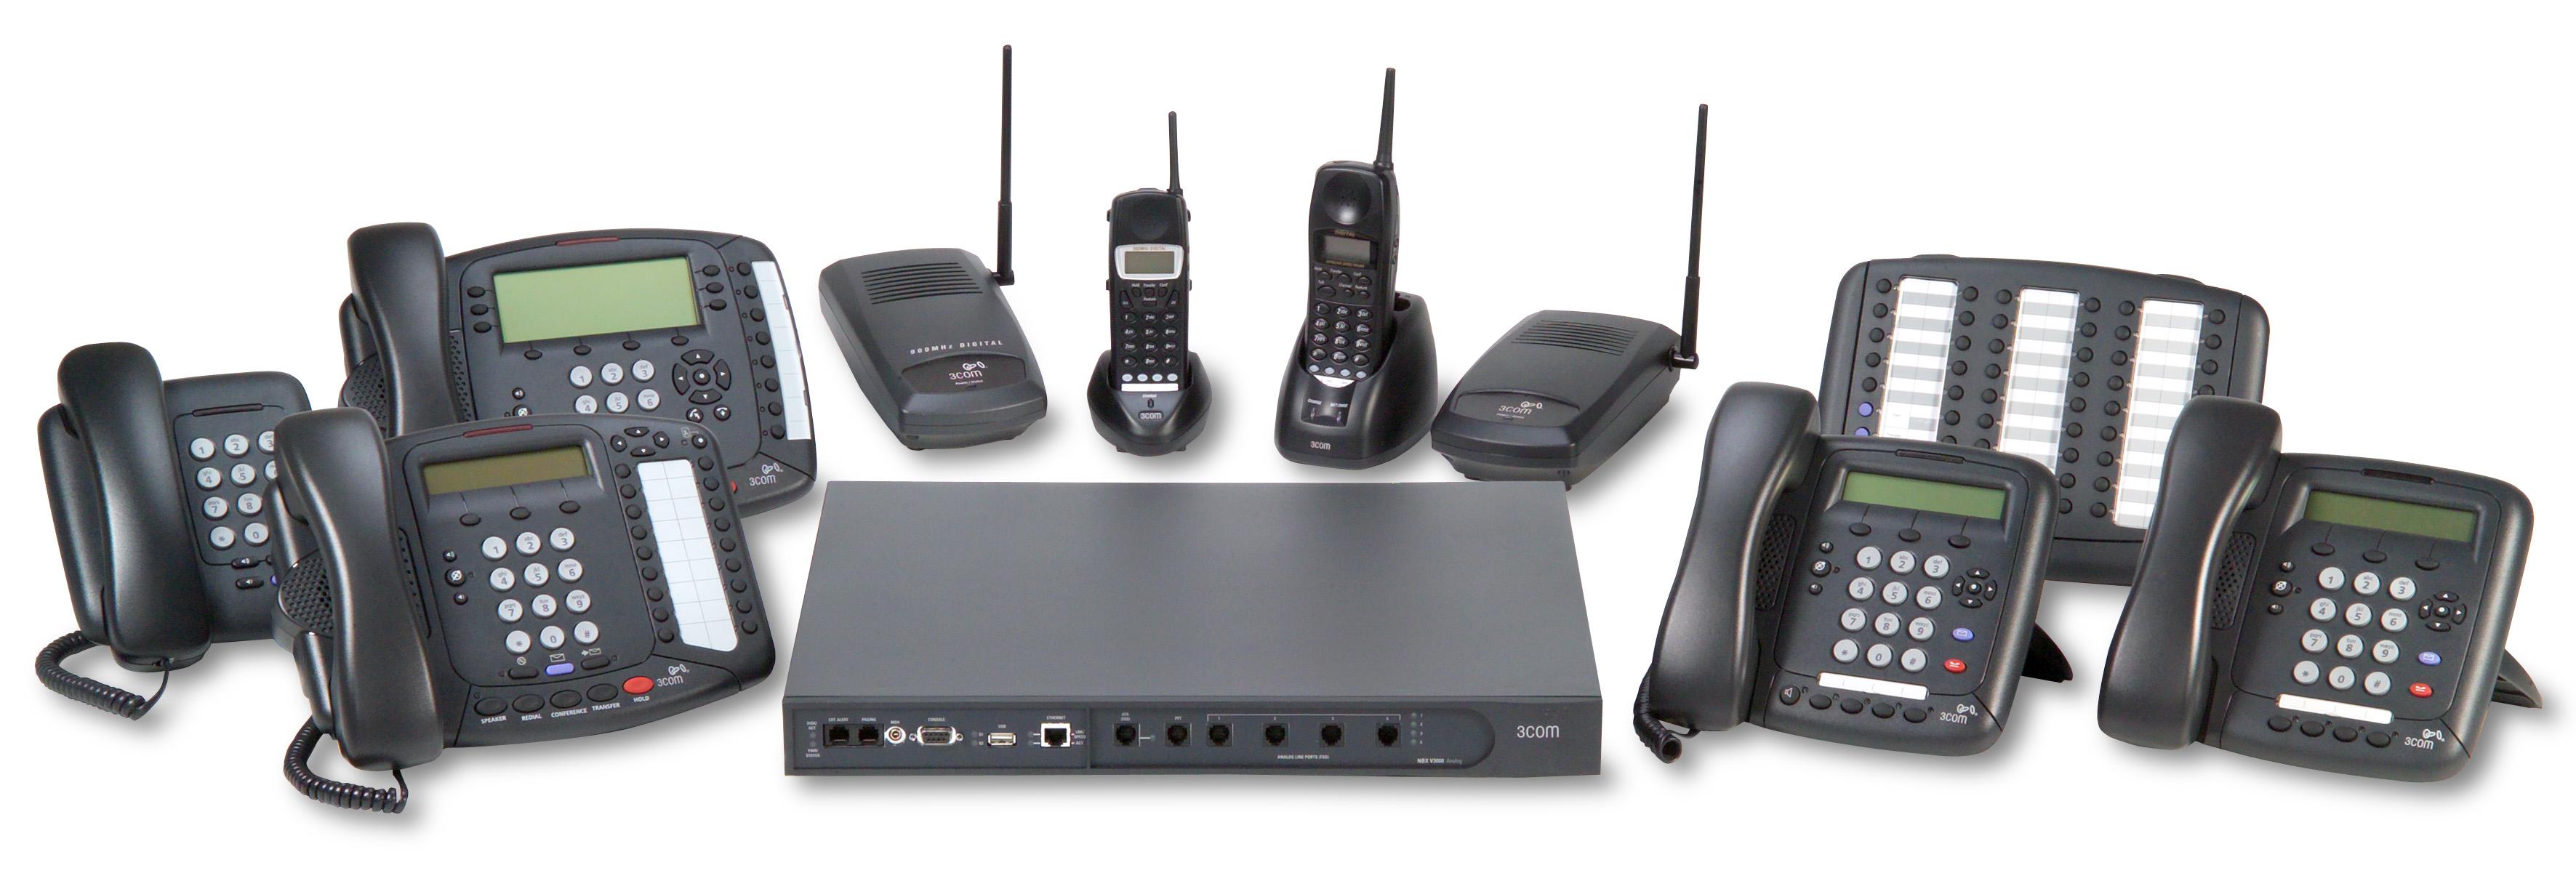 v3000_analog_w_phones_front_hr